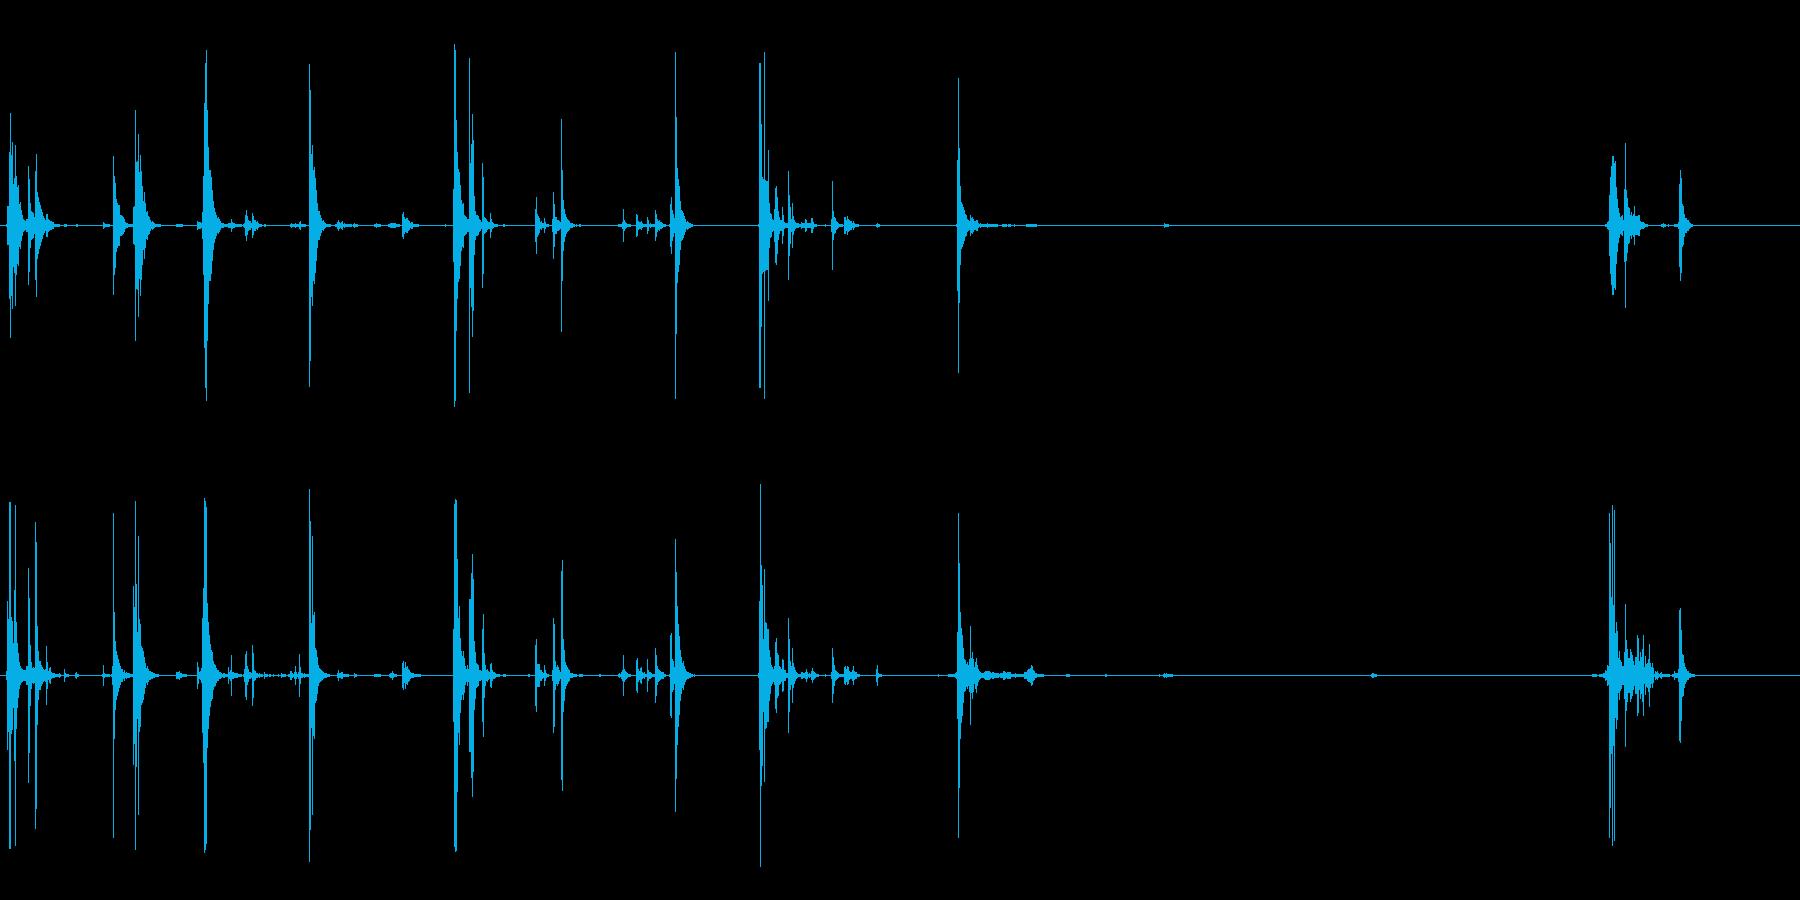 大き目のケースを開け閉めする音の再生済みの波形